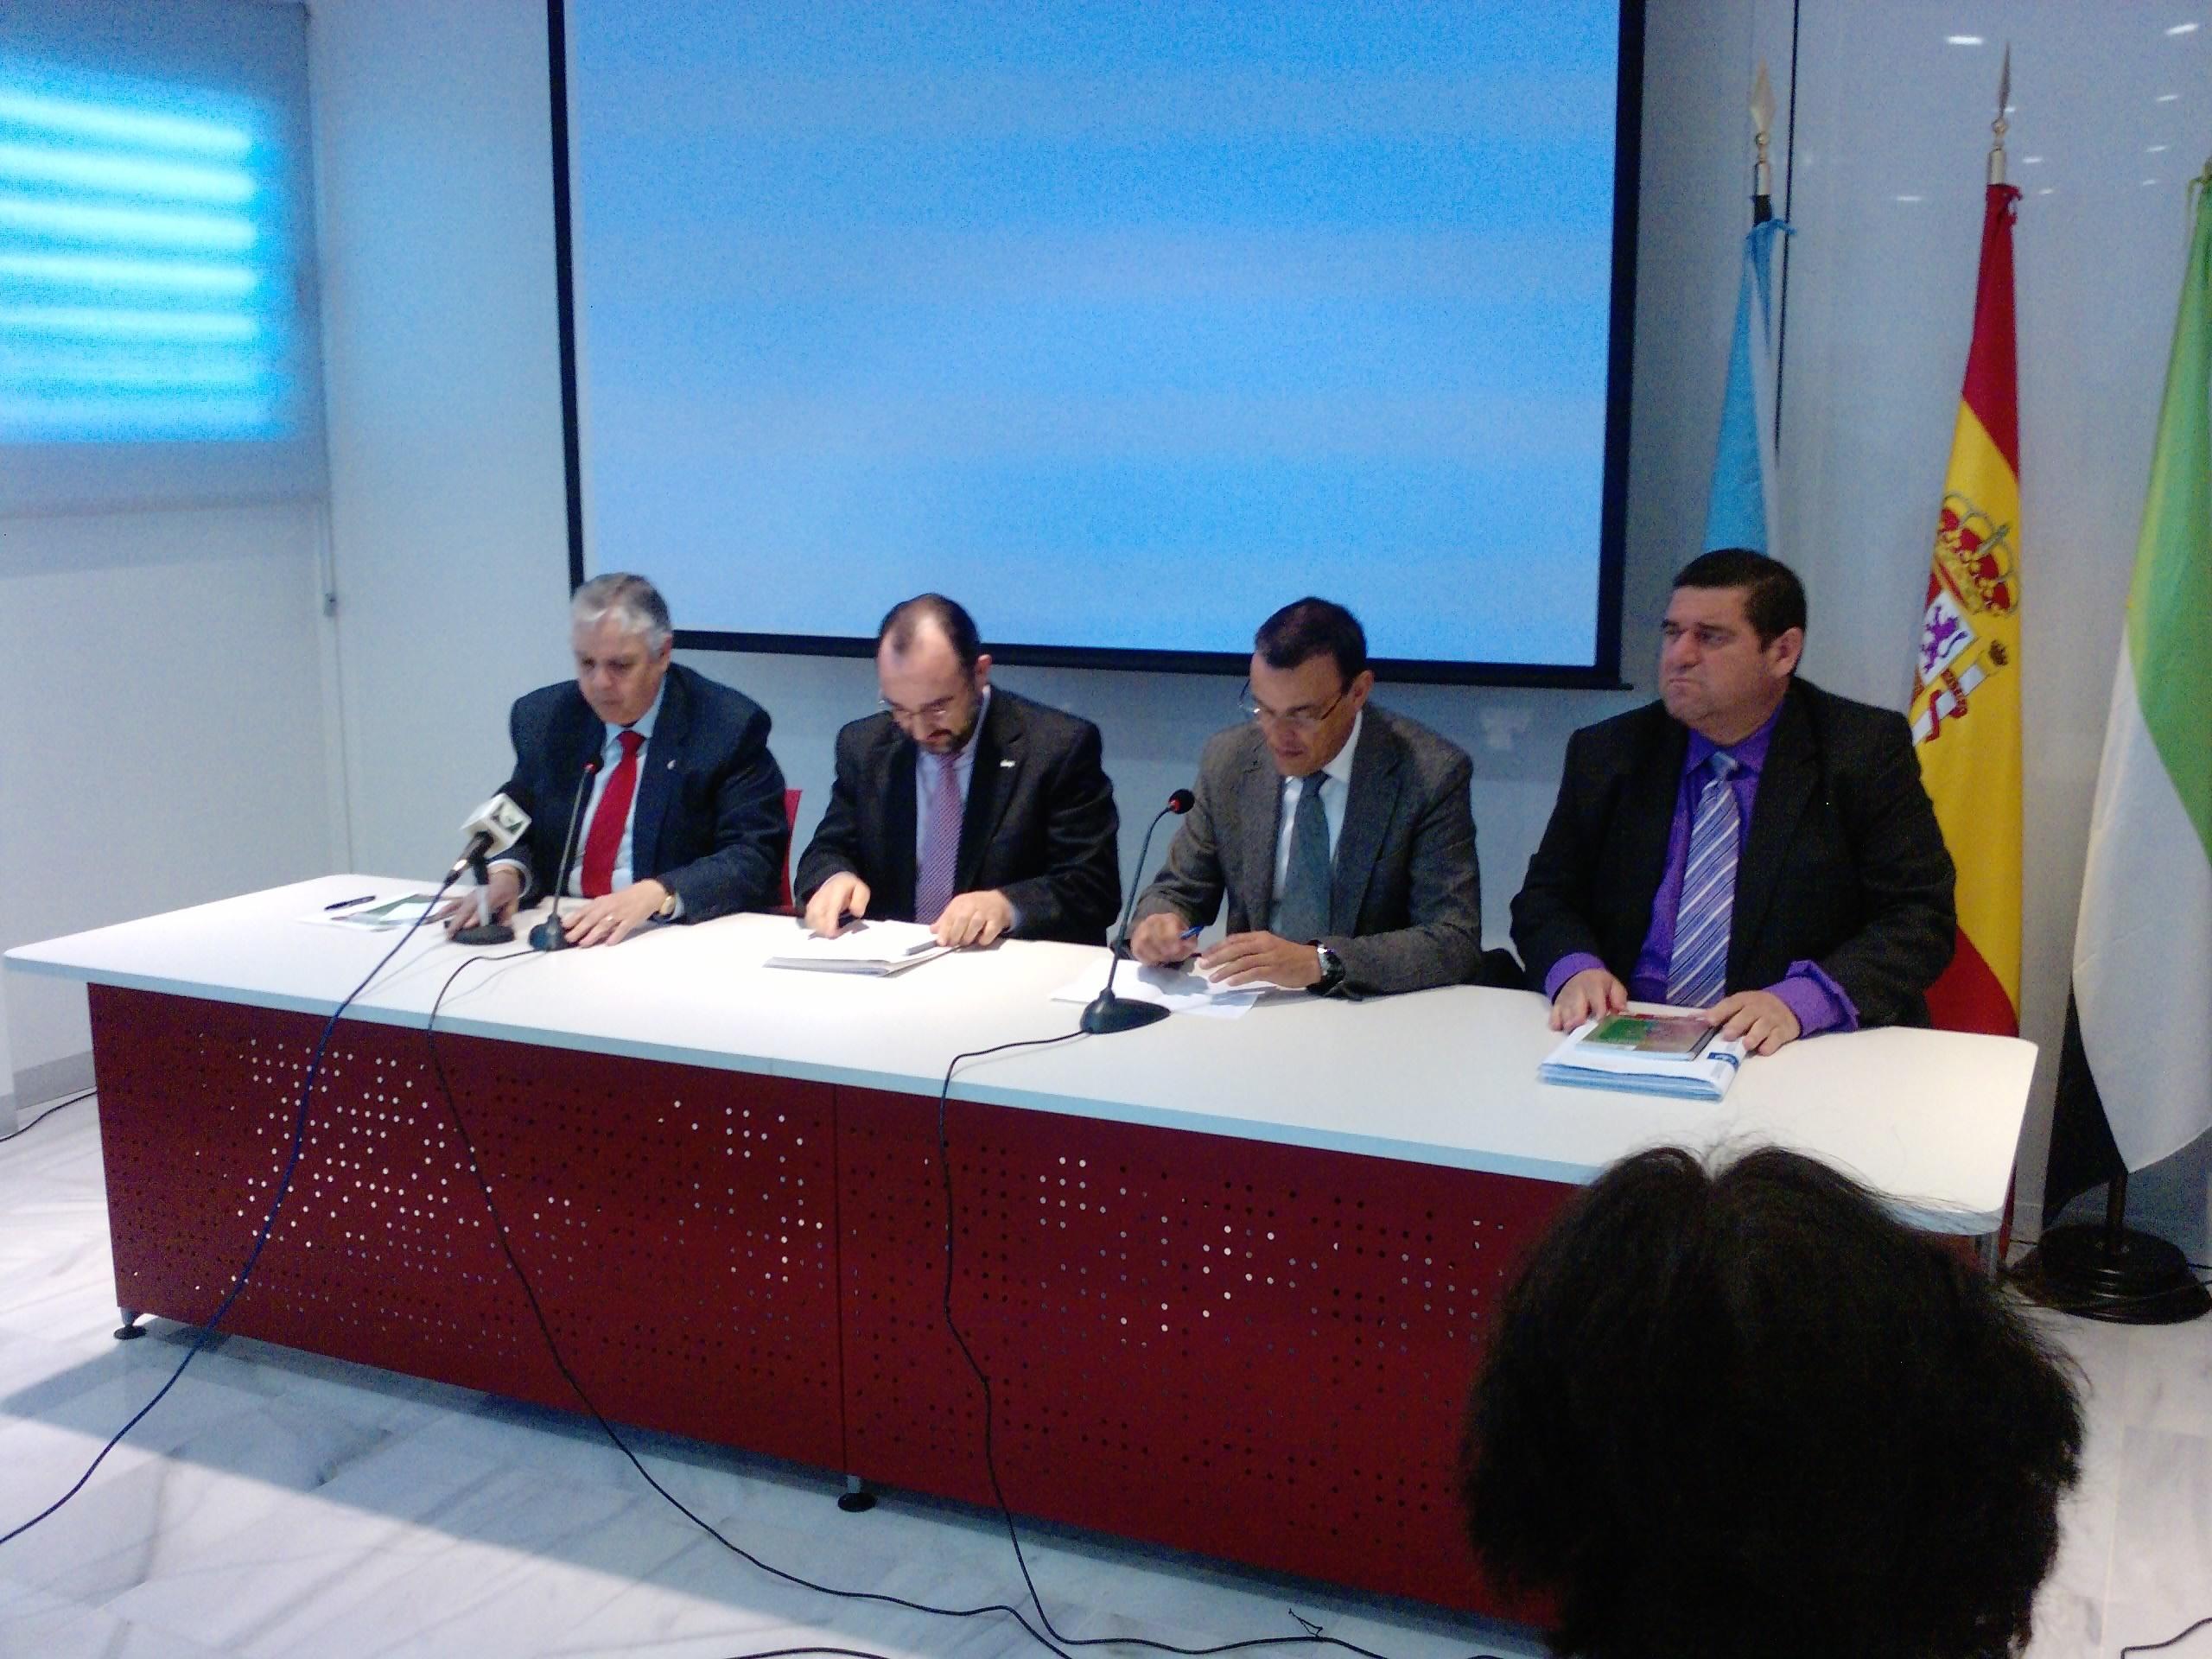 La diputaciones de Huelva y Badajoz se concentrarán el día 8 para reivindicar la Huelva-Zafra